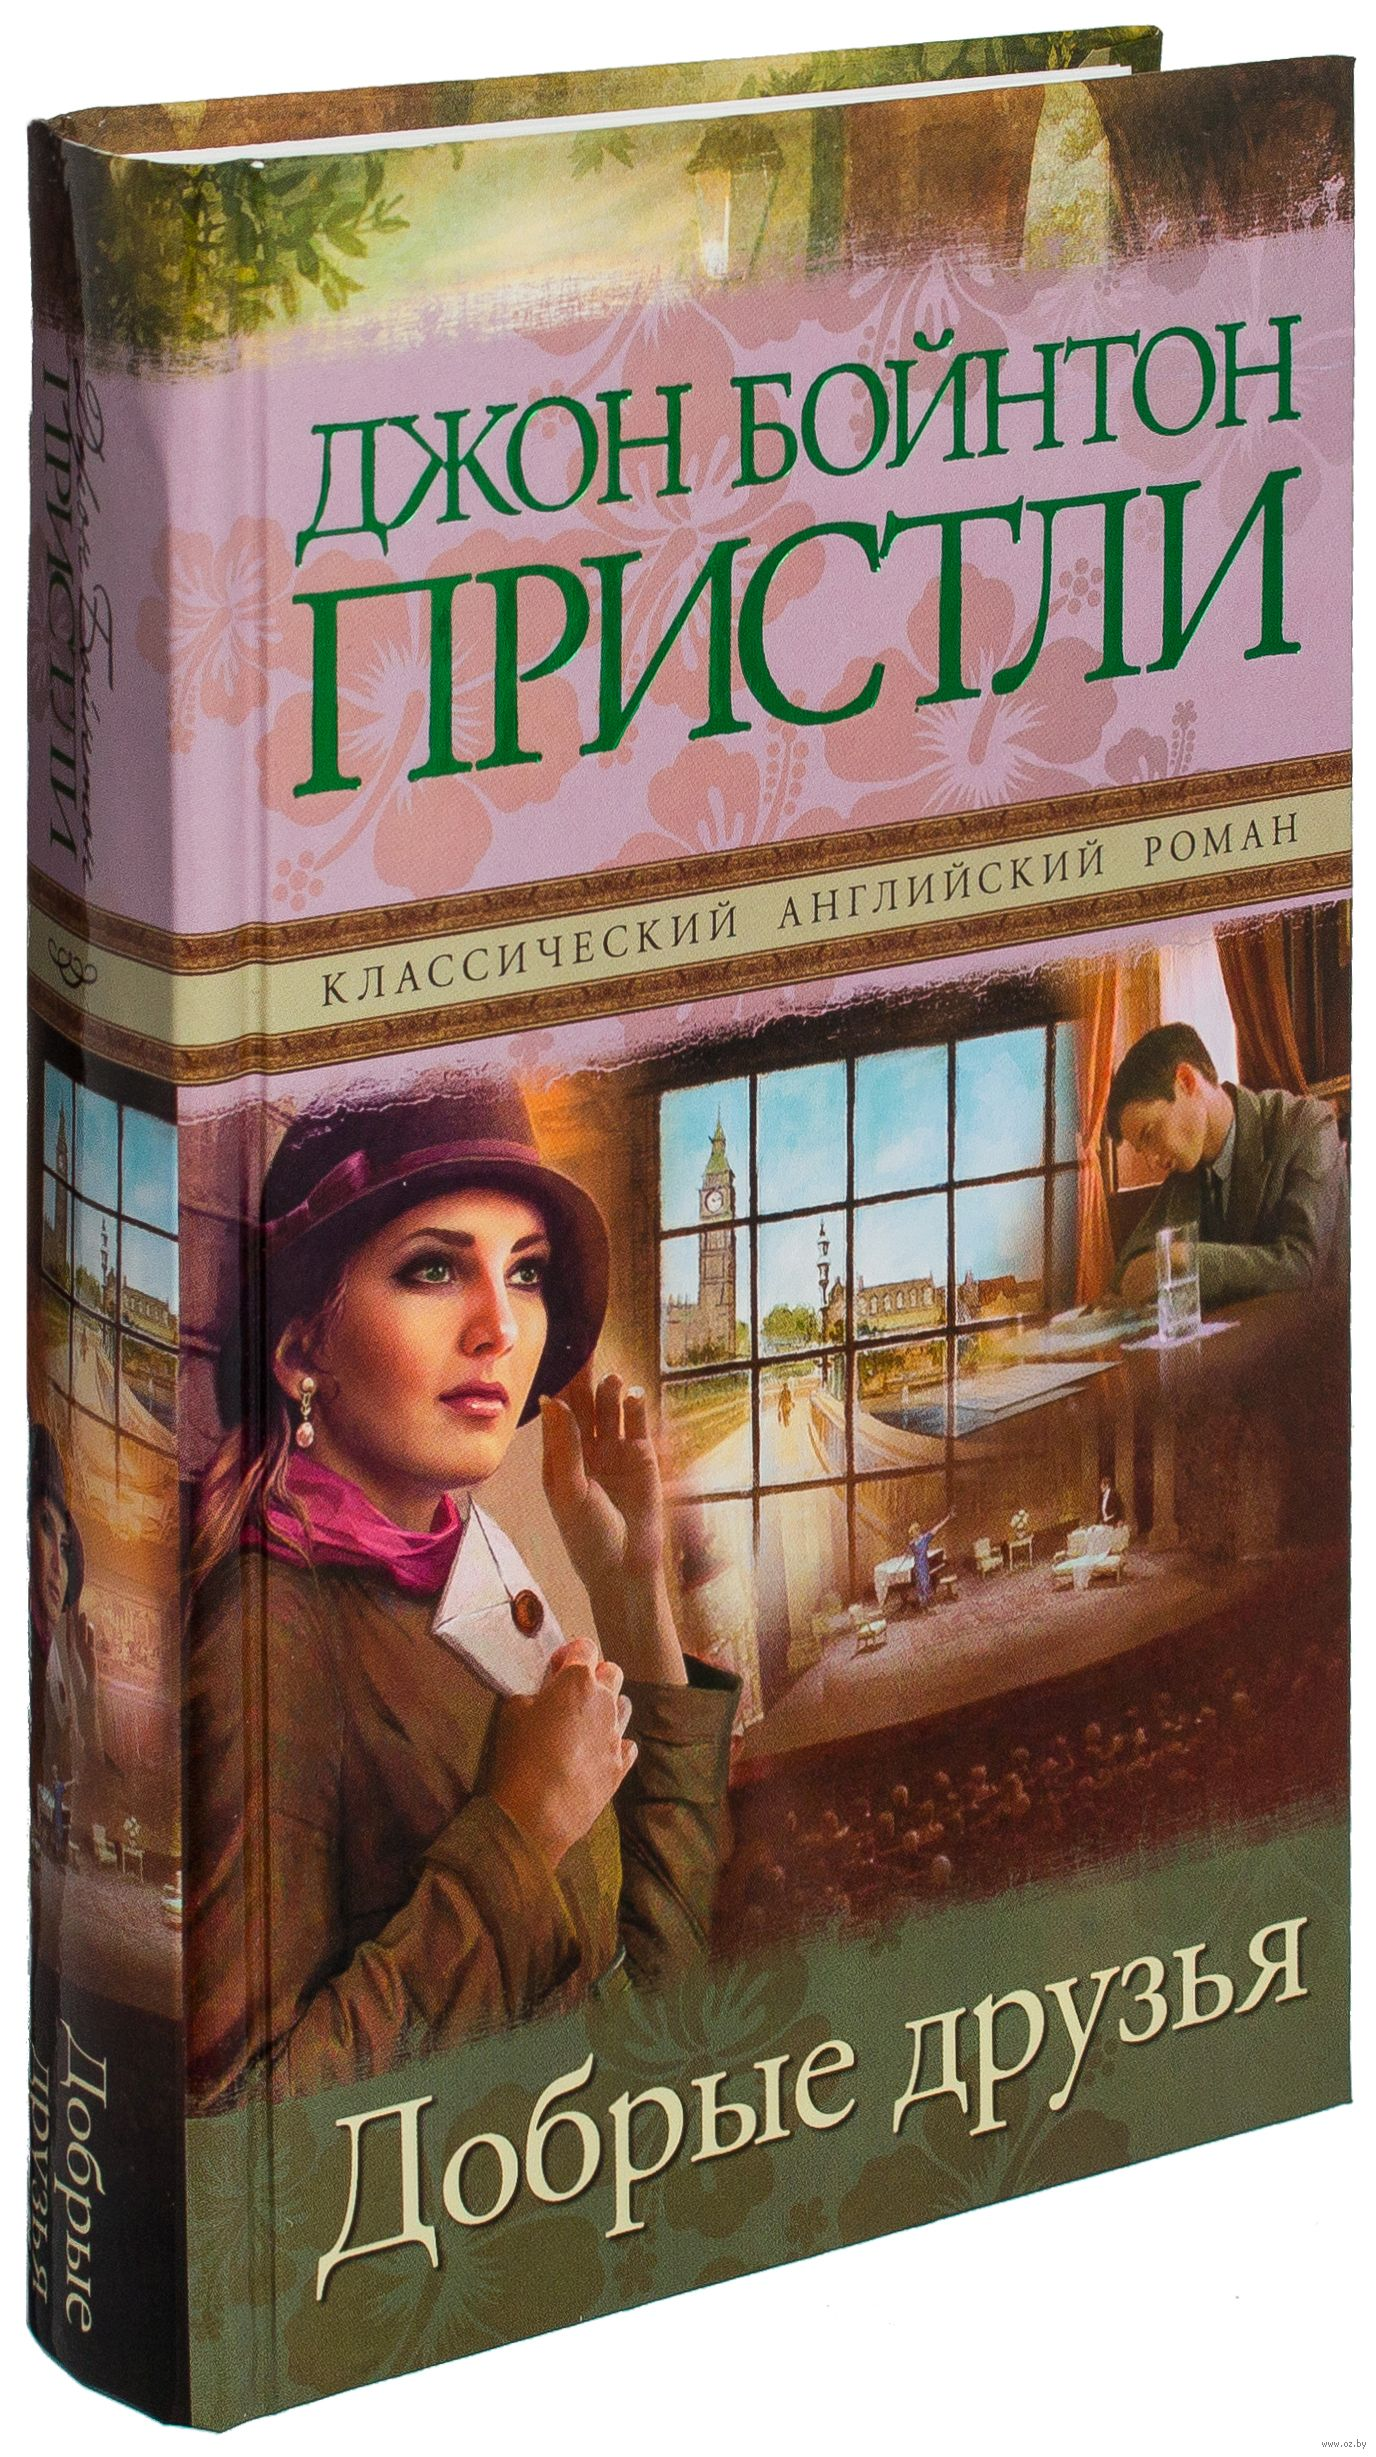 стук почтальона смотреть онлайн на русском языке